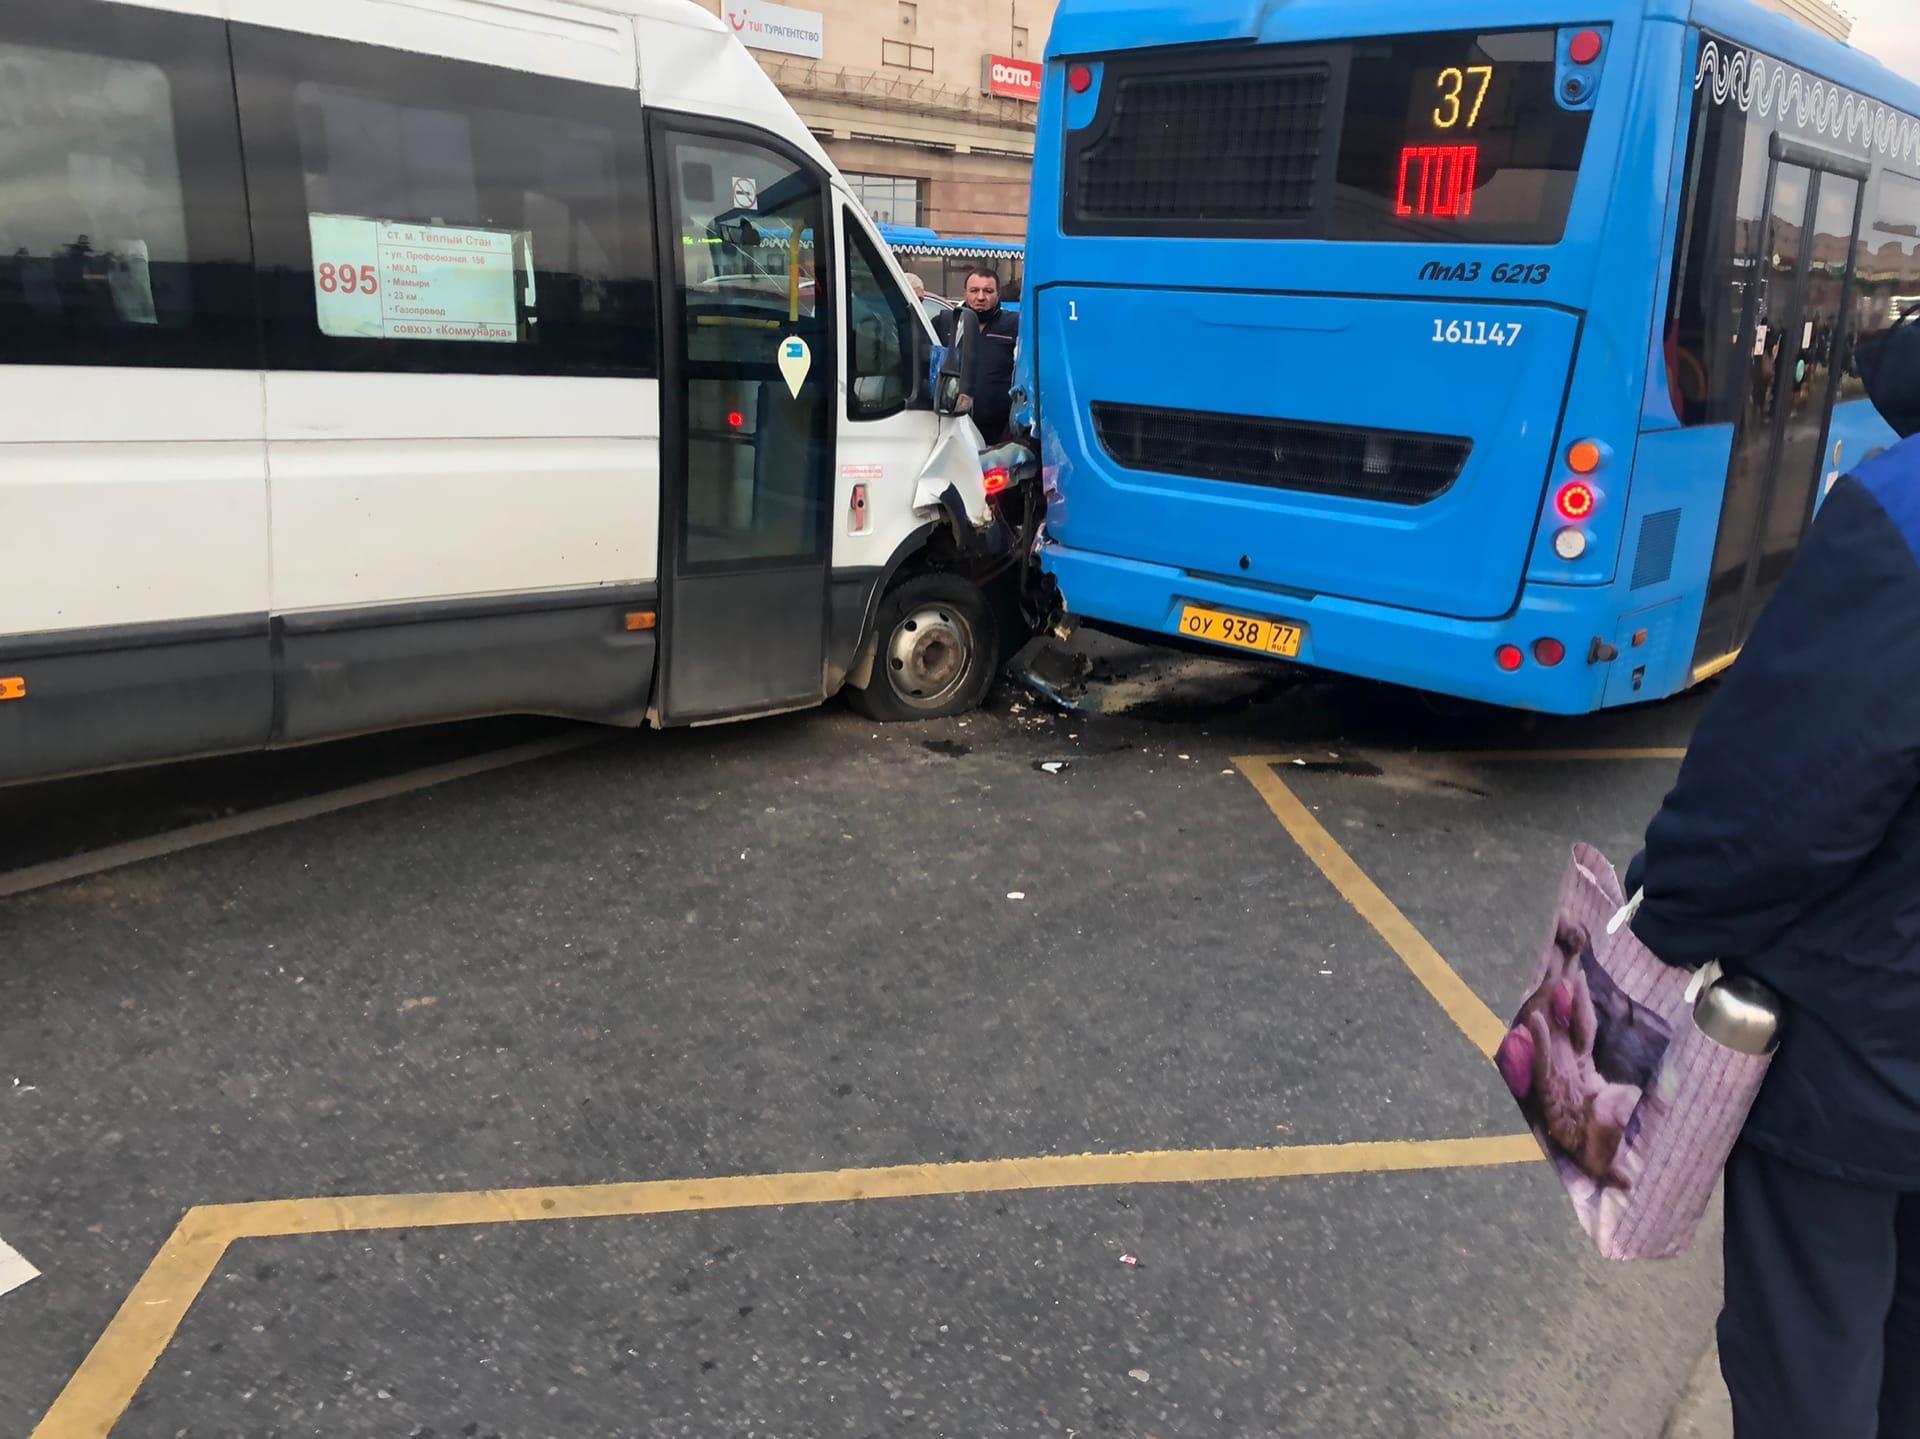 Тёплый стан Новоясеневский проспект дом 2 дтп с участием областного транспорта и Мосгортранса, пострадало 6 человек и 3 госпитализировано